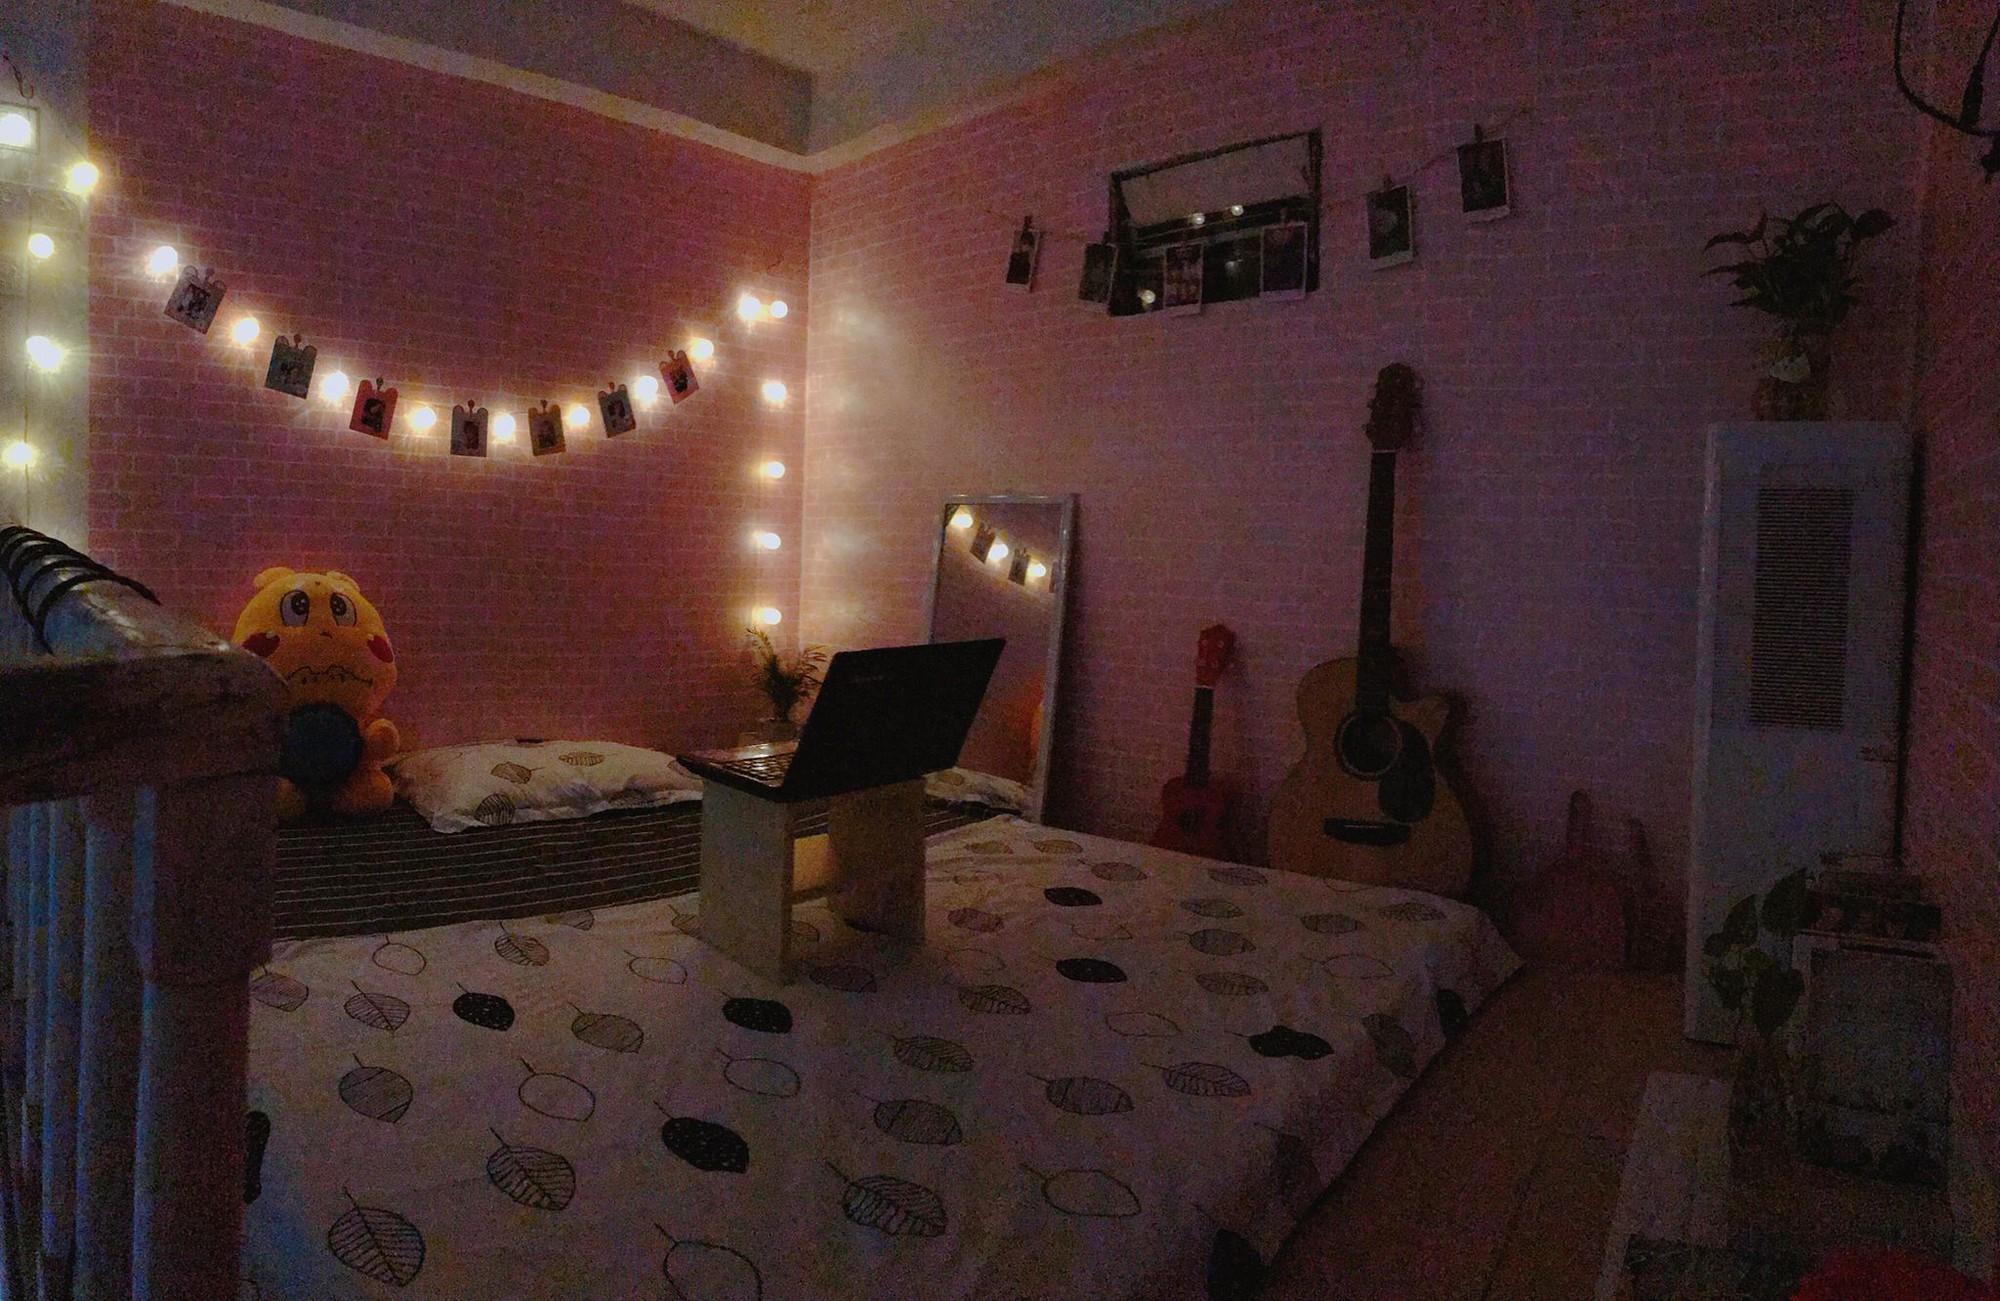 Khi tắt đèn, căn phòng lung linh như dành cho công chúa vậy